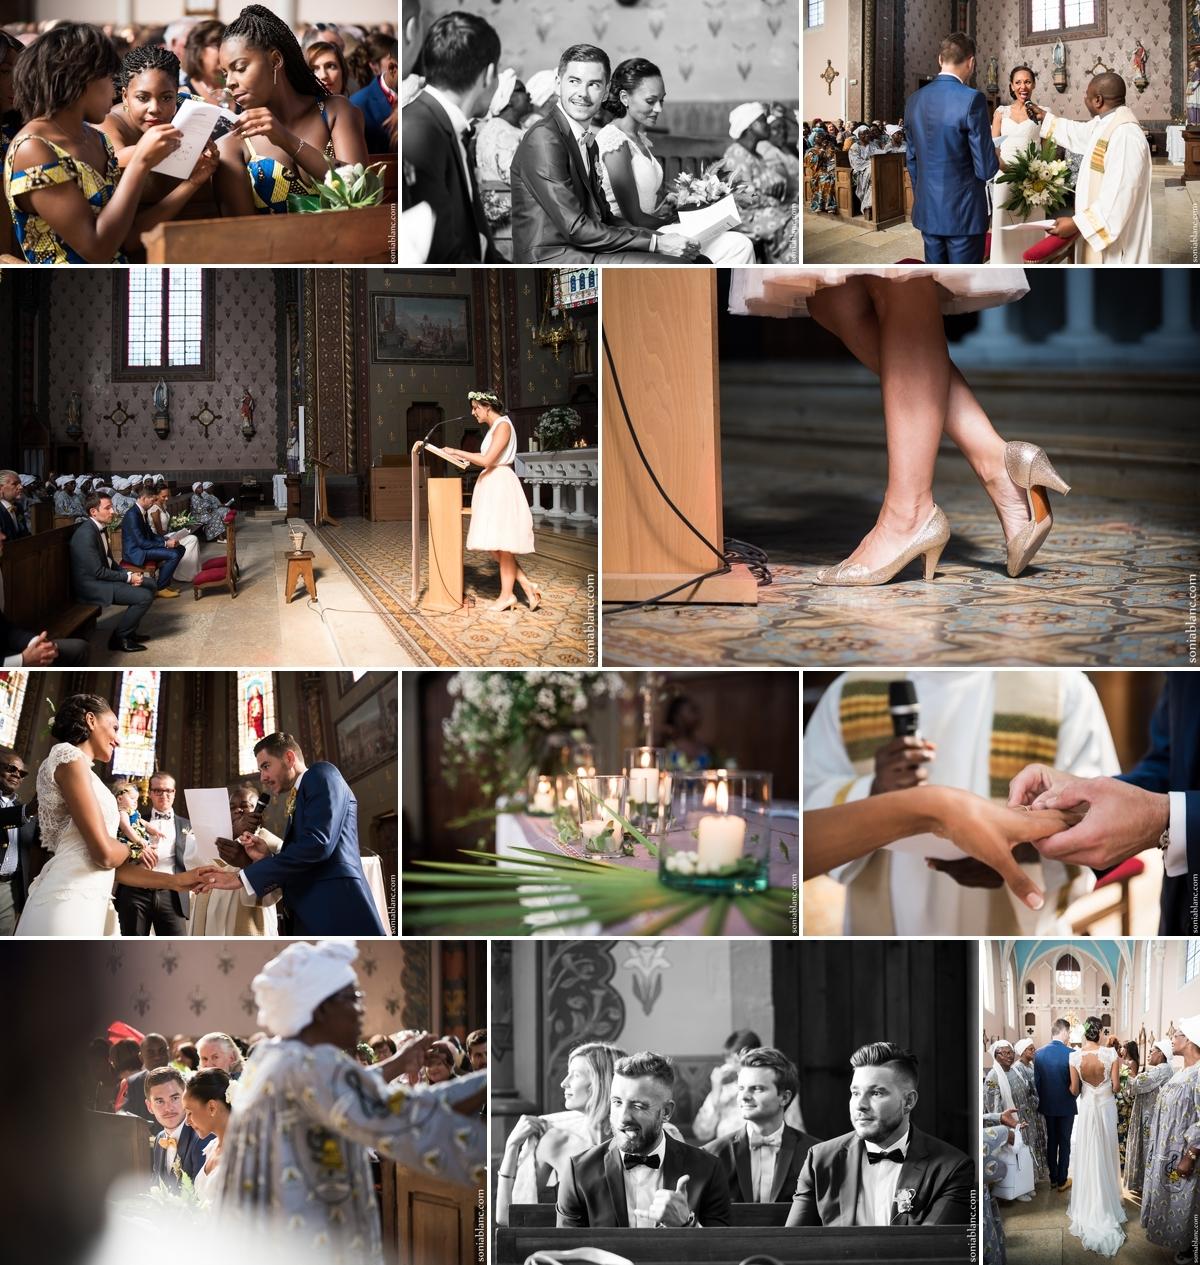 8. mariage à l'église - chevigny-saint-sauveur - 21